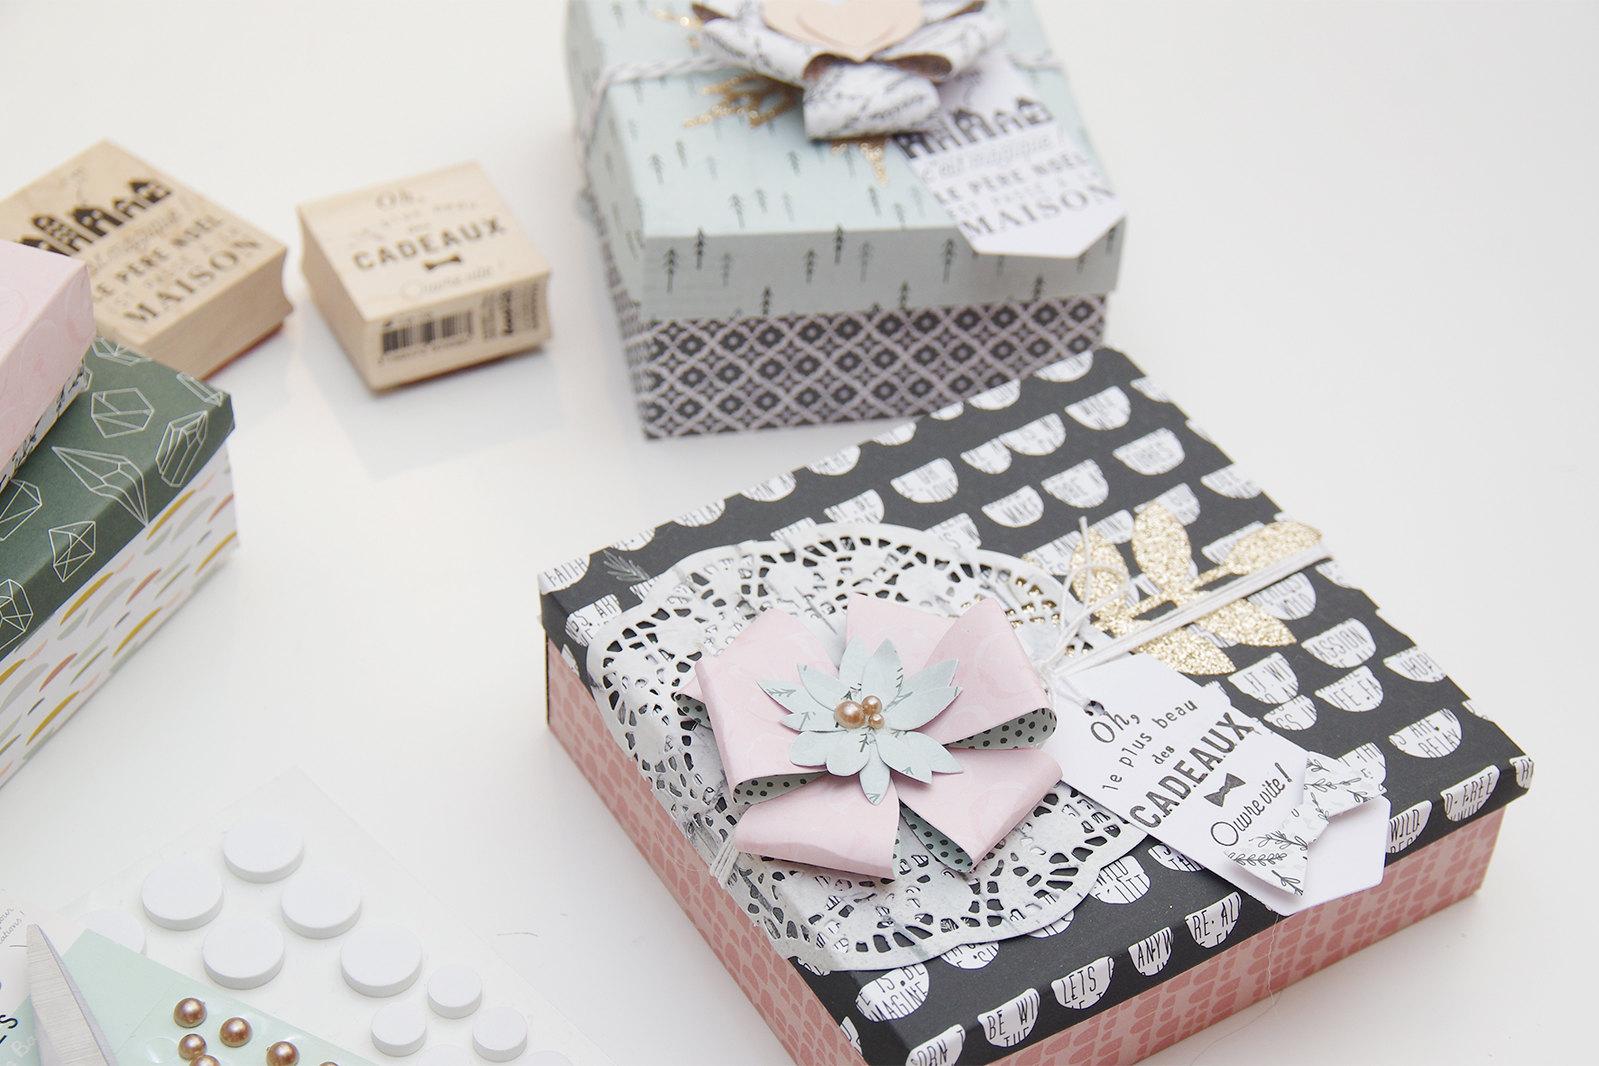 Belles boites pour beaux cadeaux kesiart marienicolasalliot-9